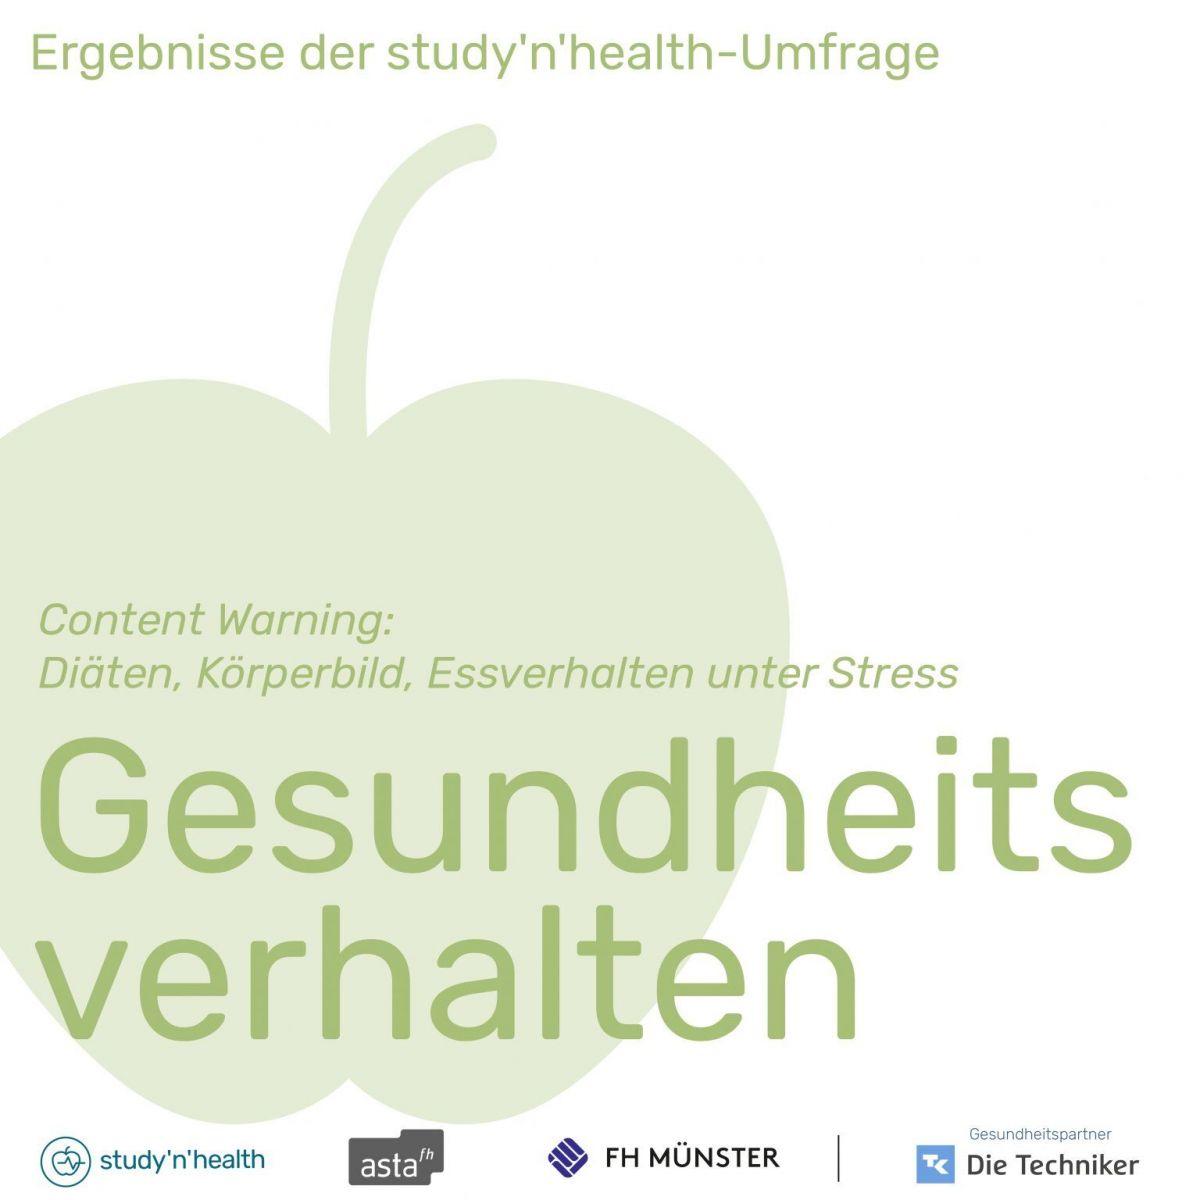 Grafische Darstellung eines Apfels mit den Logos der an der Umfrage beteiligten Einrichtungen (Foto: Grafik: AStA der FH Münster)